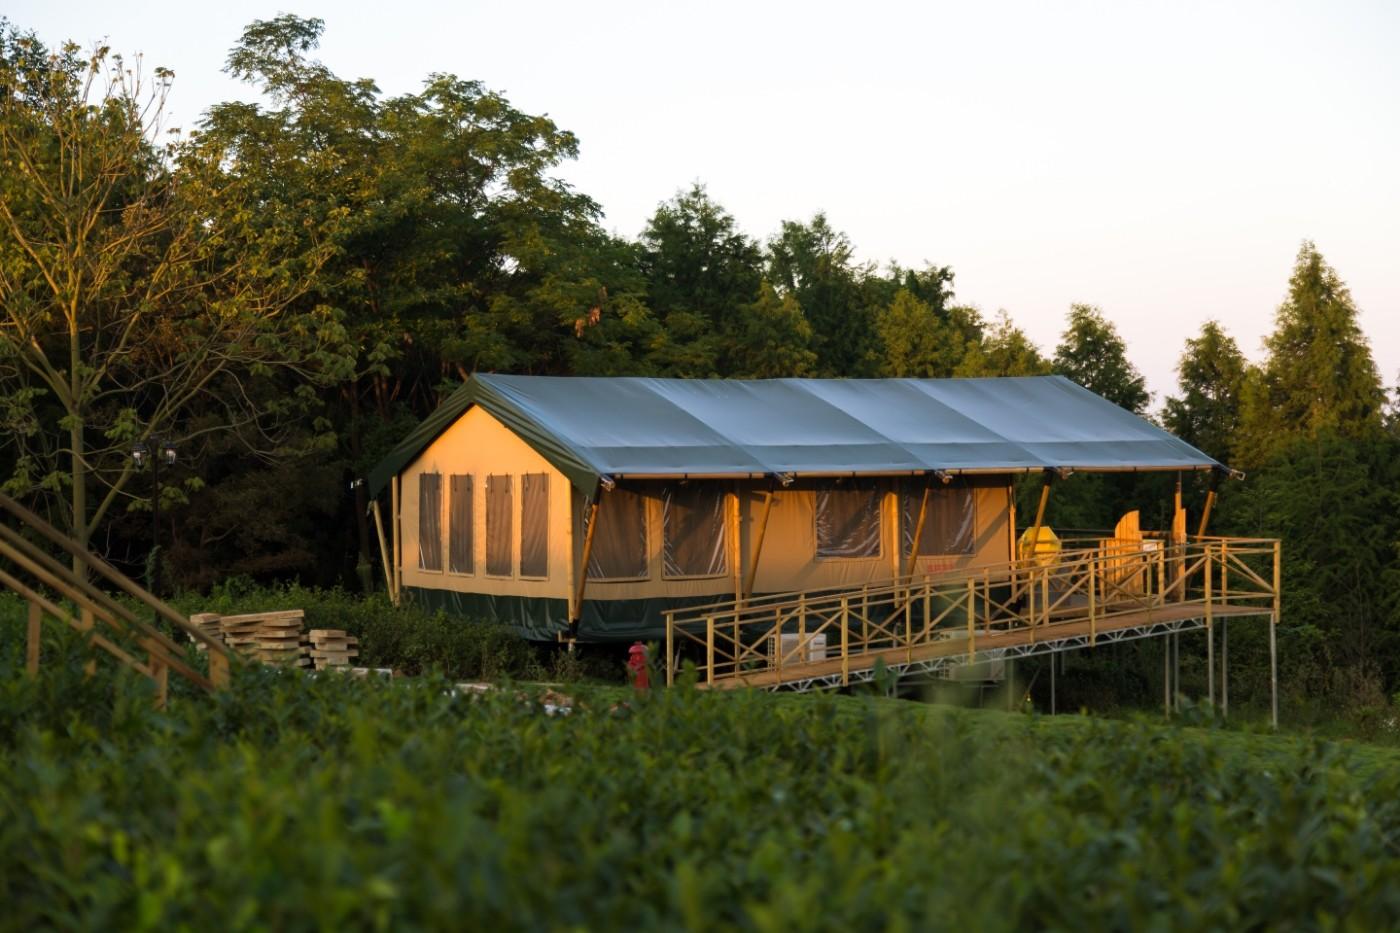 喜马拉雅野奢帐篷酒店—江苏常州茅山宝盛园茶园帐篷酒店18